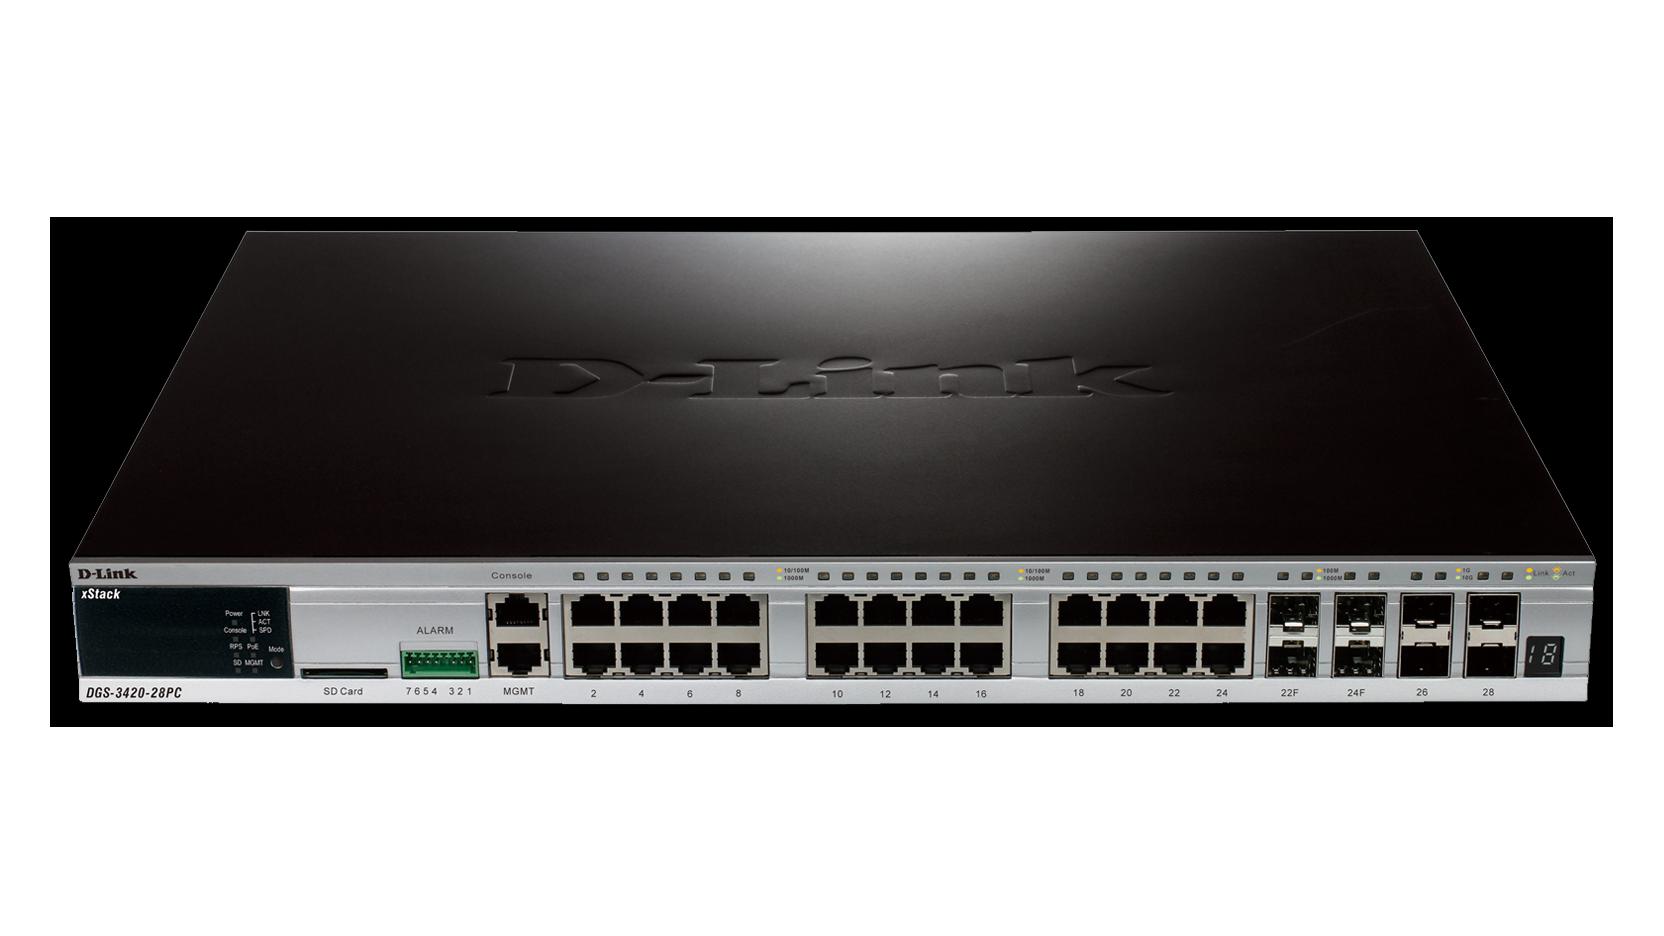 DGS-3420-28PC-Front1664x936